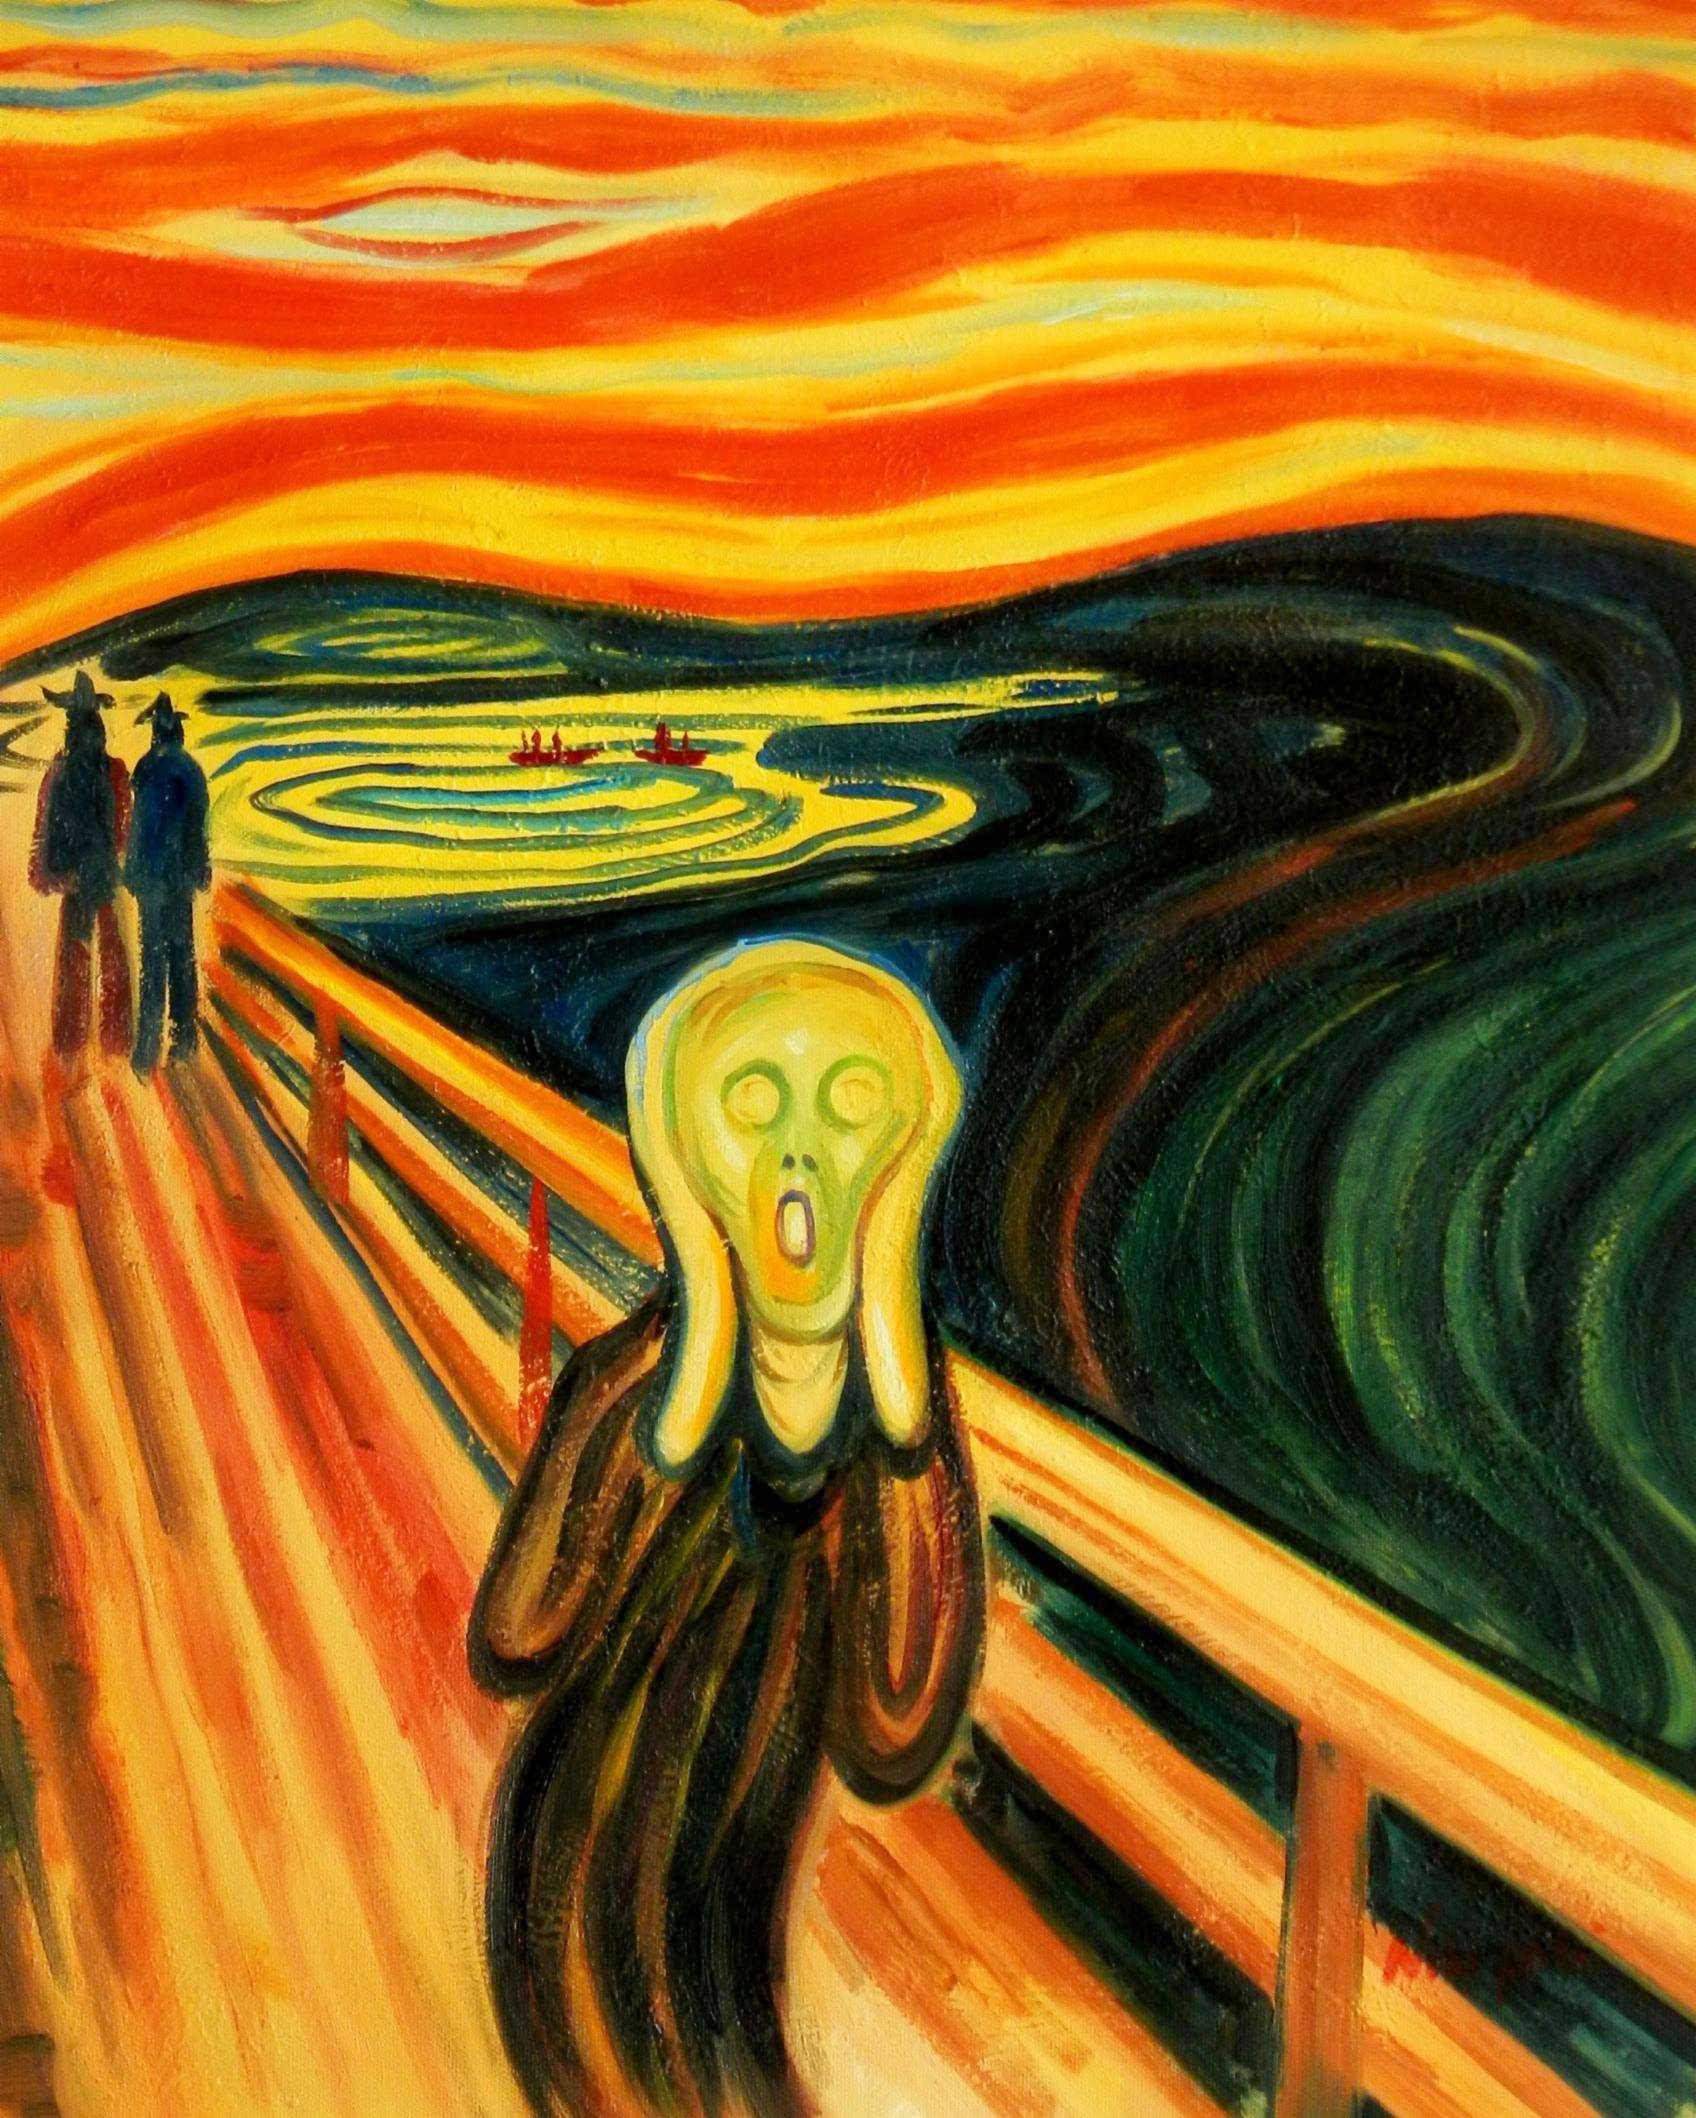 Edvard Munch - Der Schrei b94798 40x50cm handgemaltes Ölgemälde